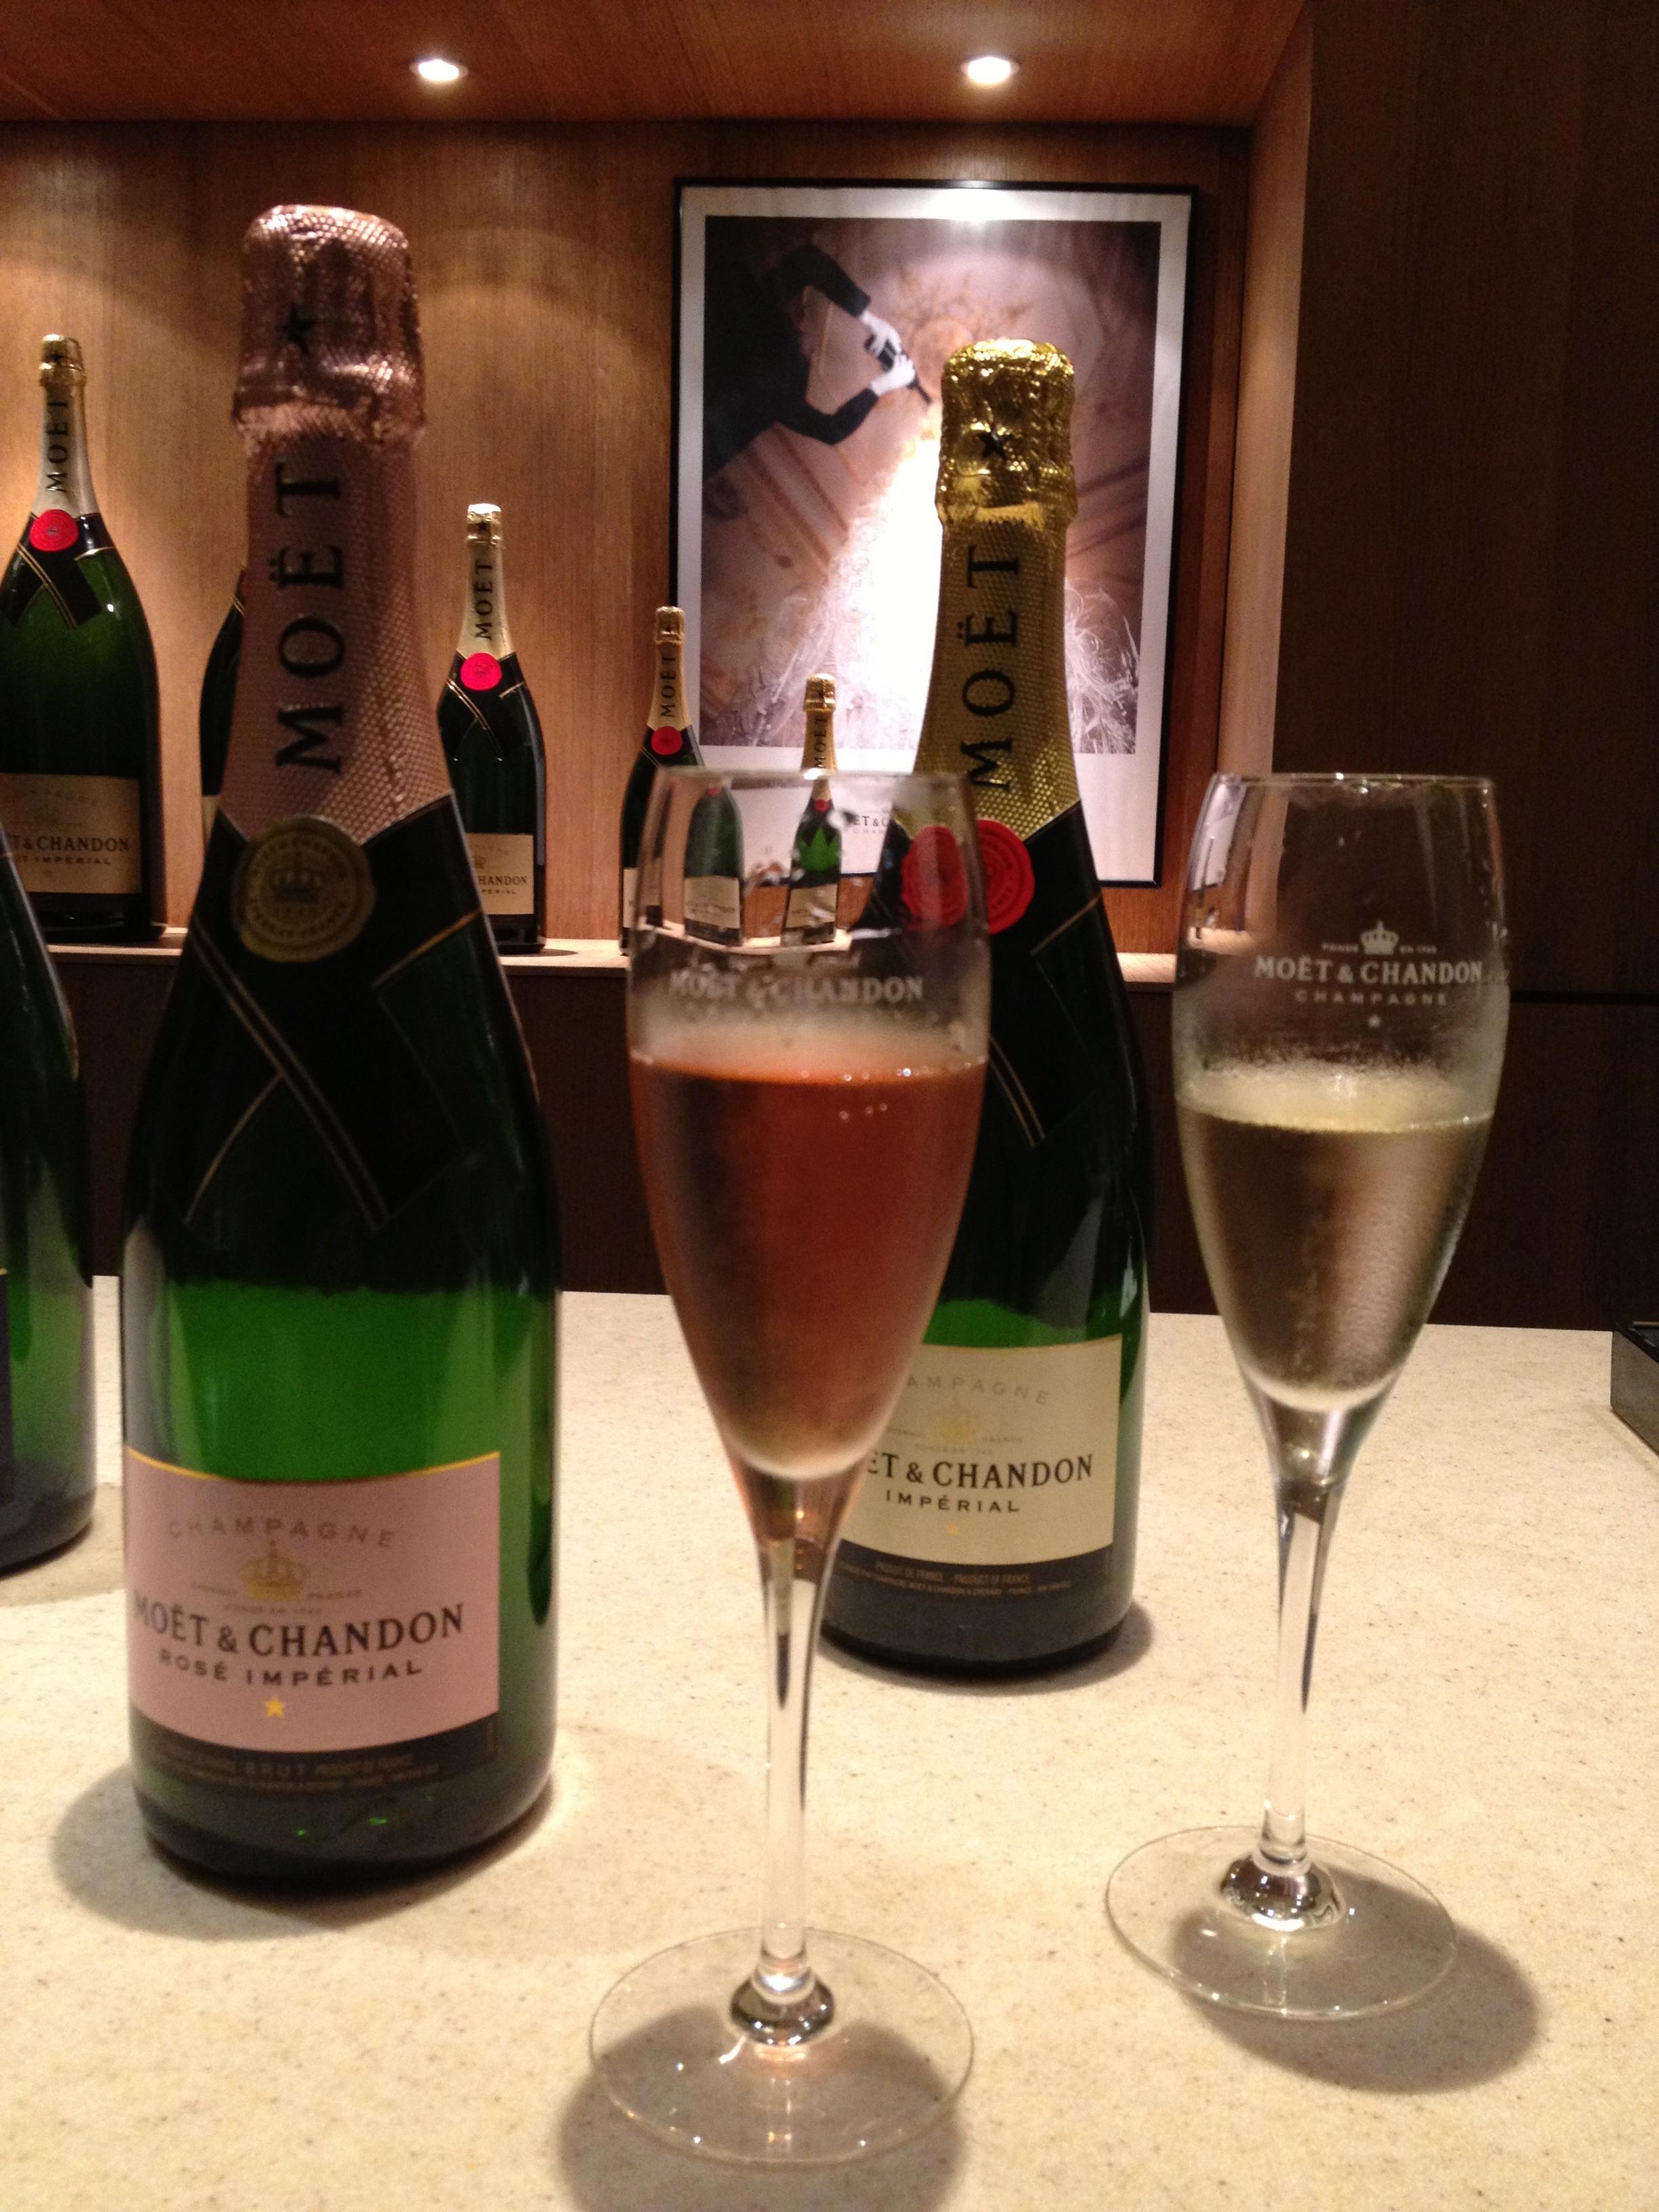 Mo t et chandon risa 39 s pieces - Seau a champagne moet et chandon ...